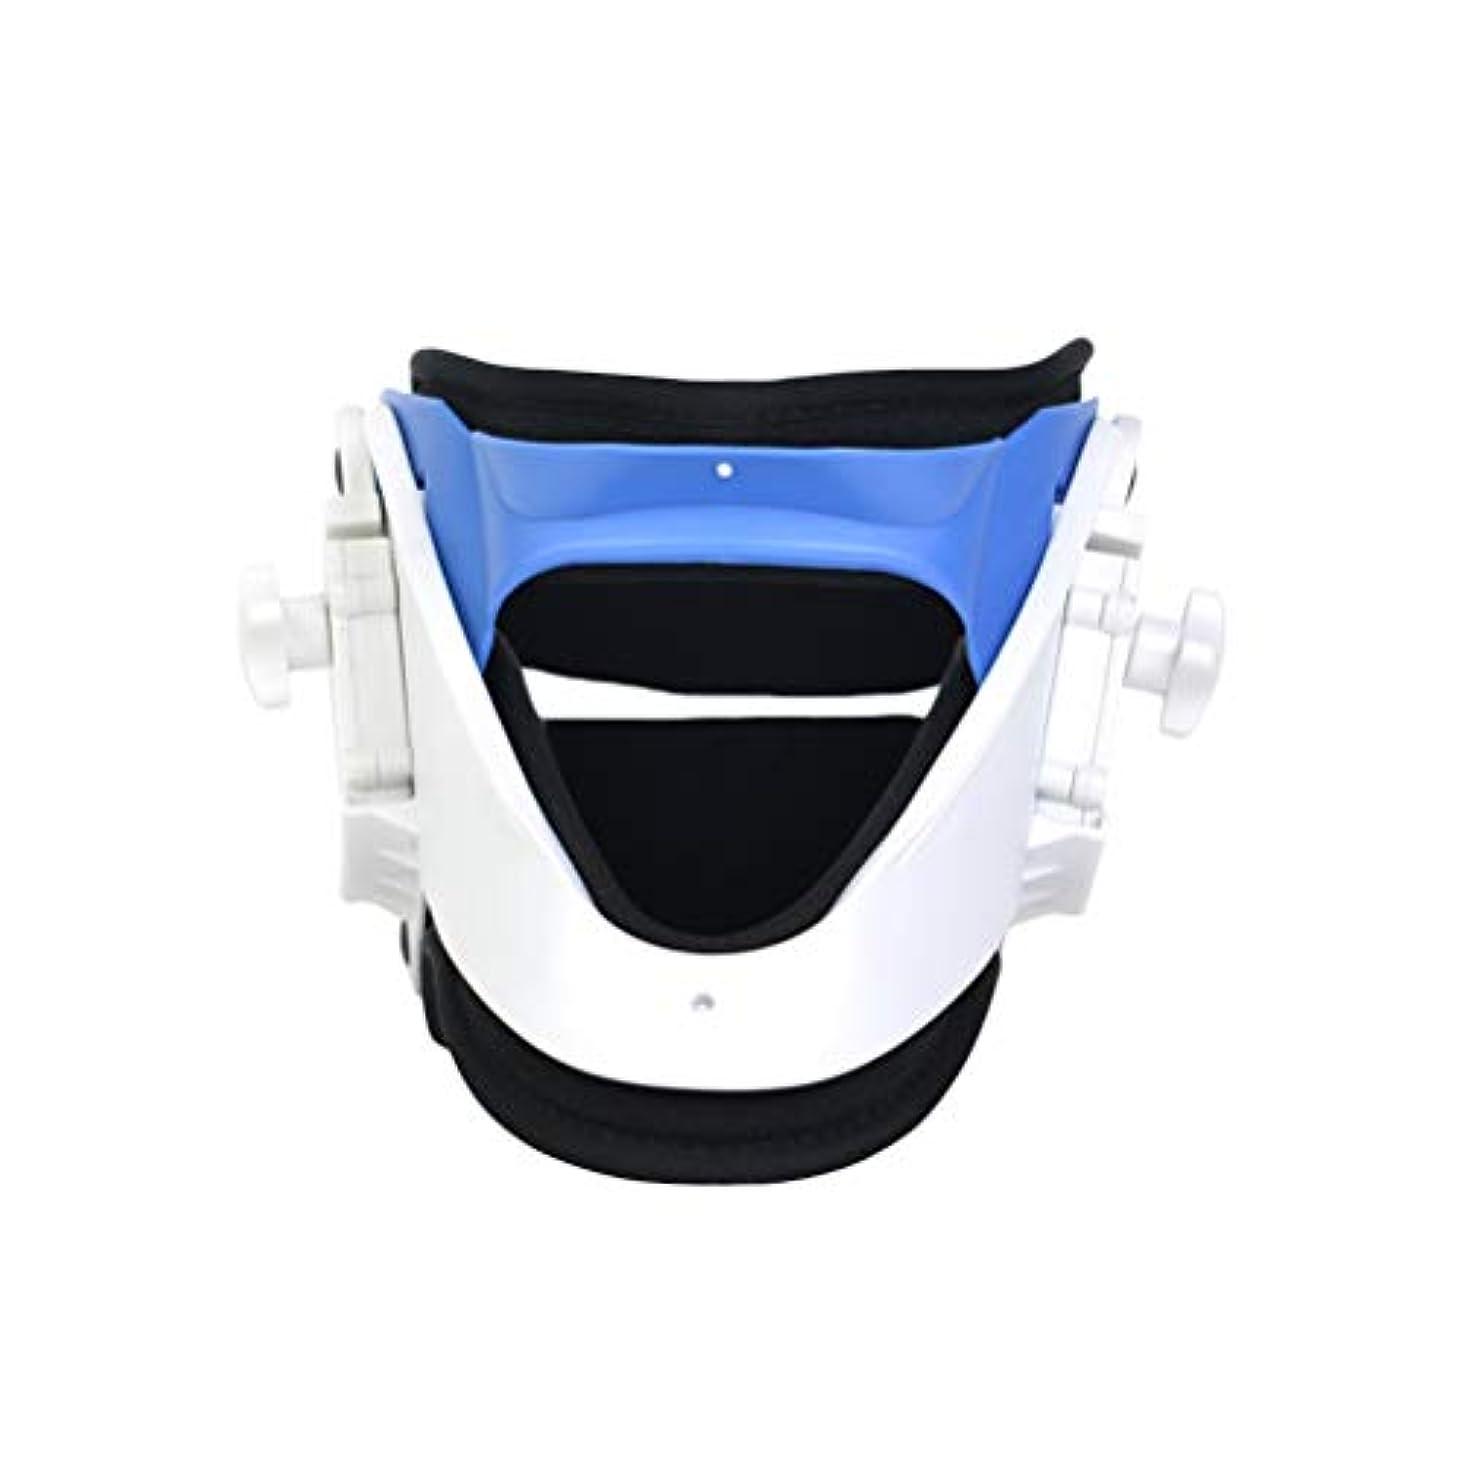 抗議ばかげた剃るHealifty堅い首の苦痛救助の傷害回復のための通気性の首サポート支柱調節可能な頚部つば